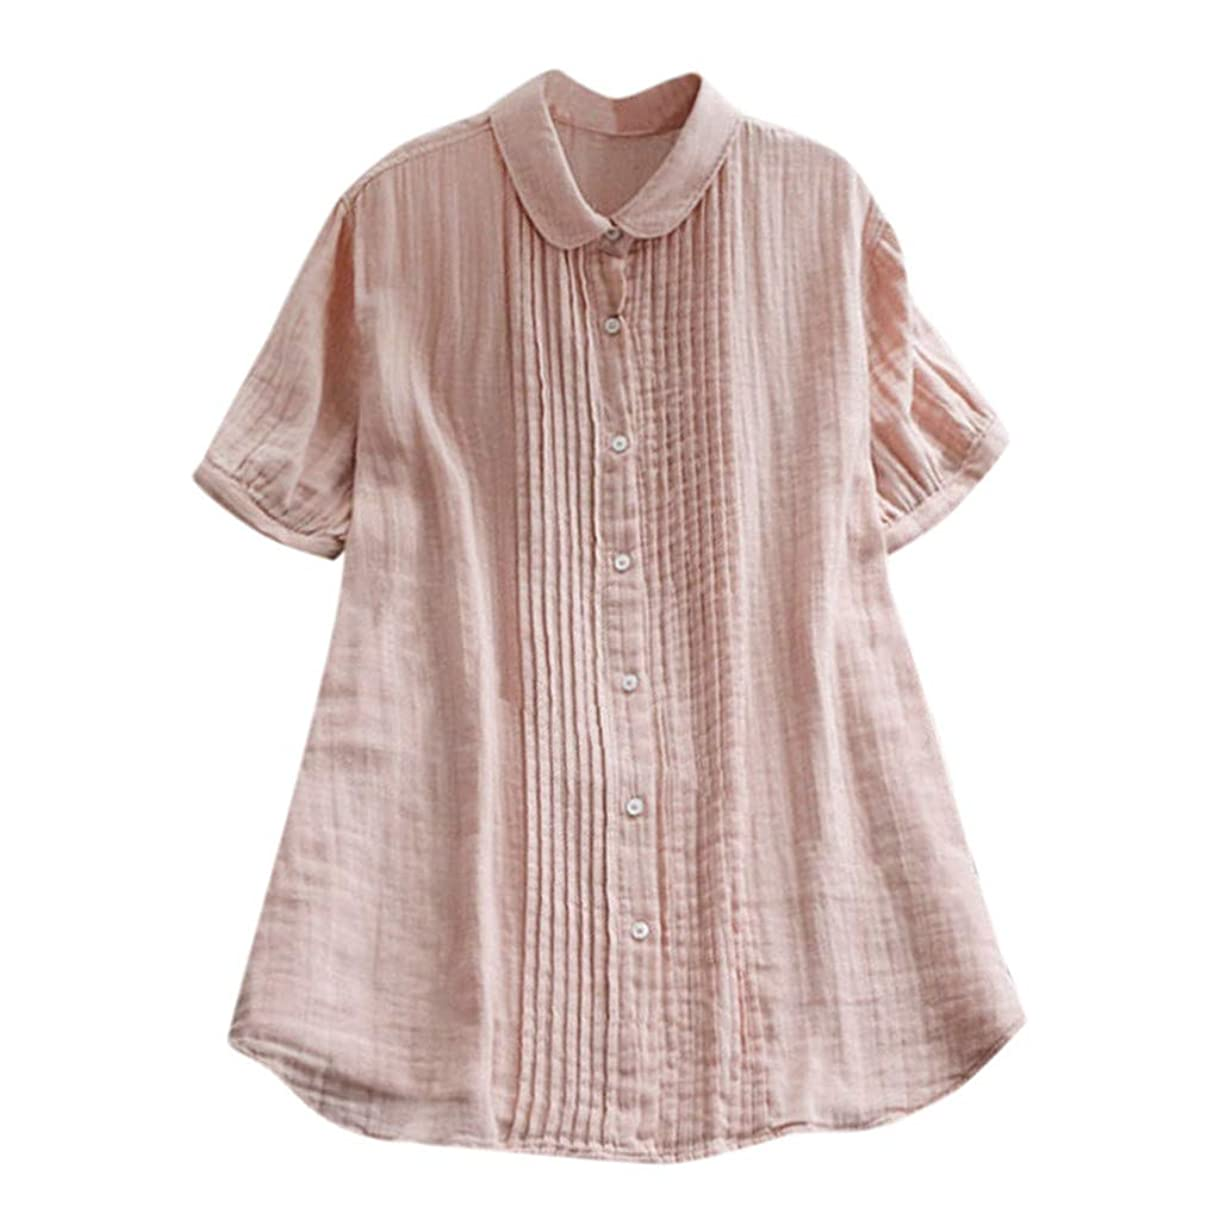 最初はメンタリティ人道的女性の半袖Tシャツ - ピーターパンカラー夏緩い無地カジュアルダウントップスブラウス (ピンク, M)